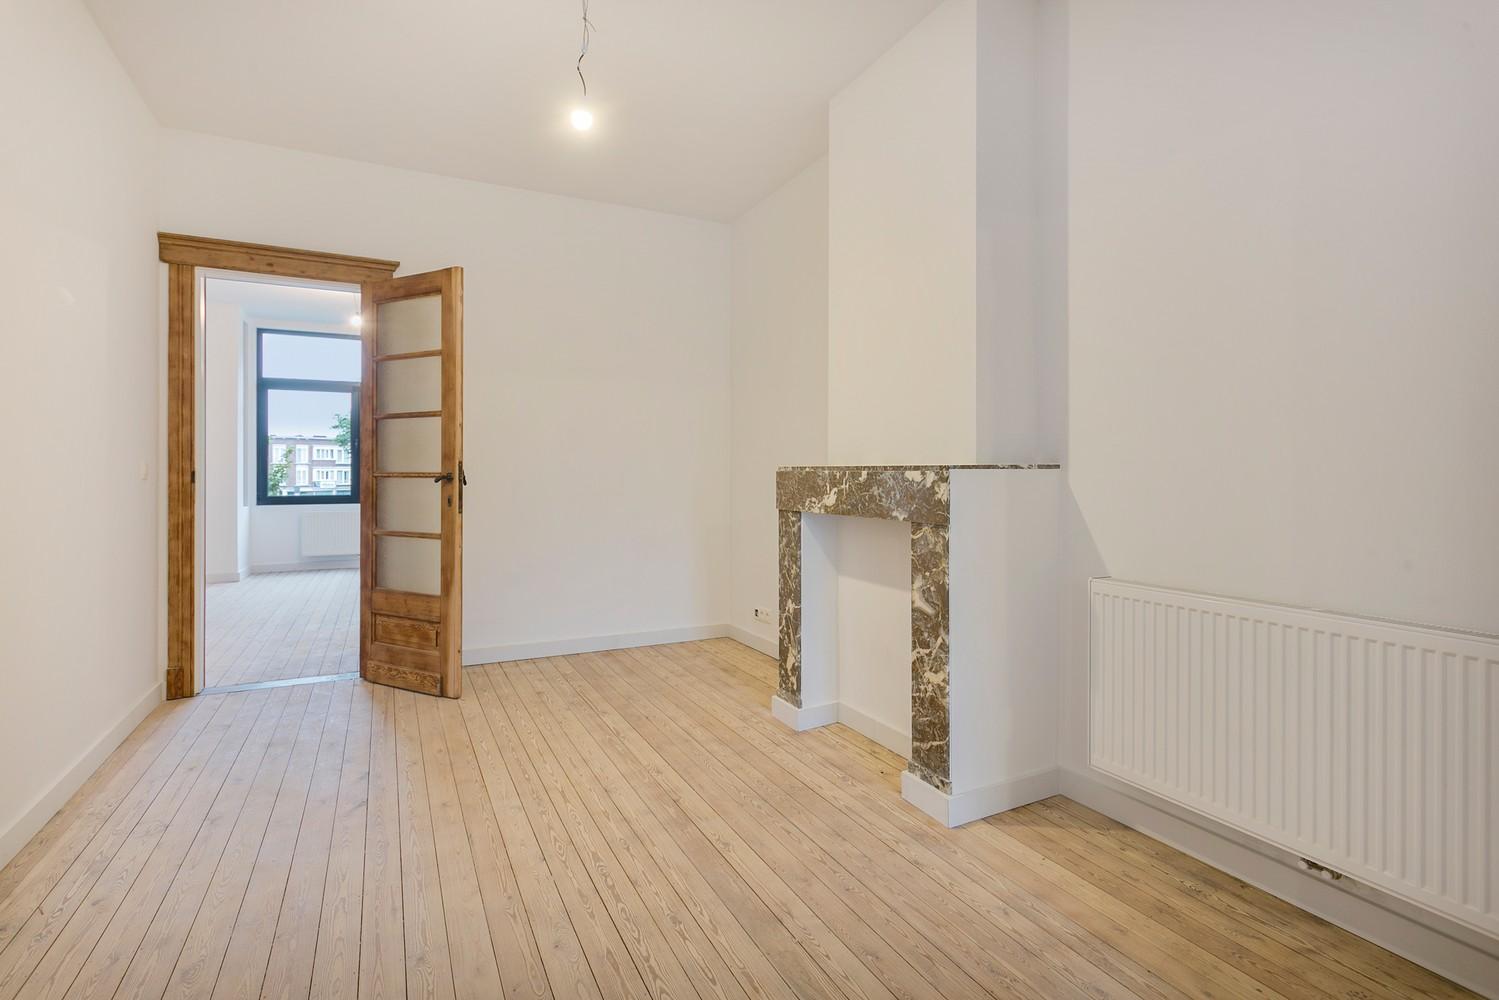 Stijlvol gerenoveerd appartement met één slaapkamer en terras te Merksem! afbeelding 9